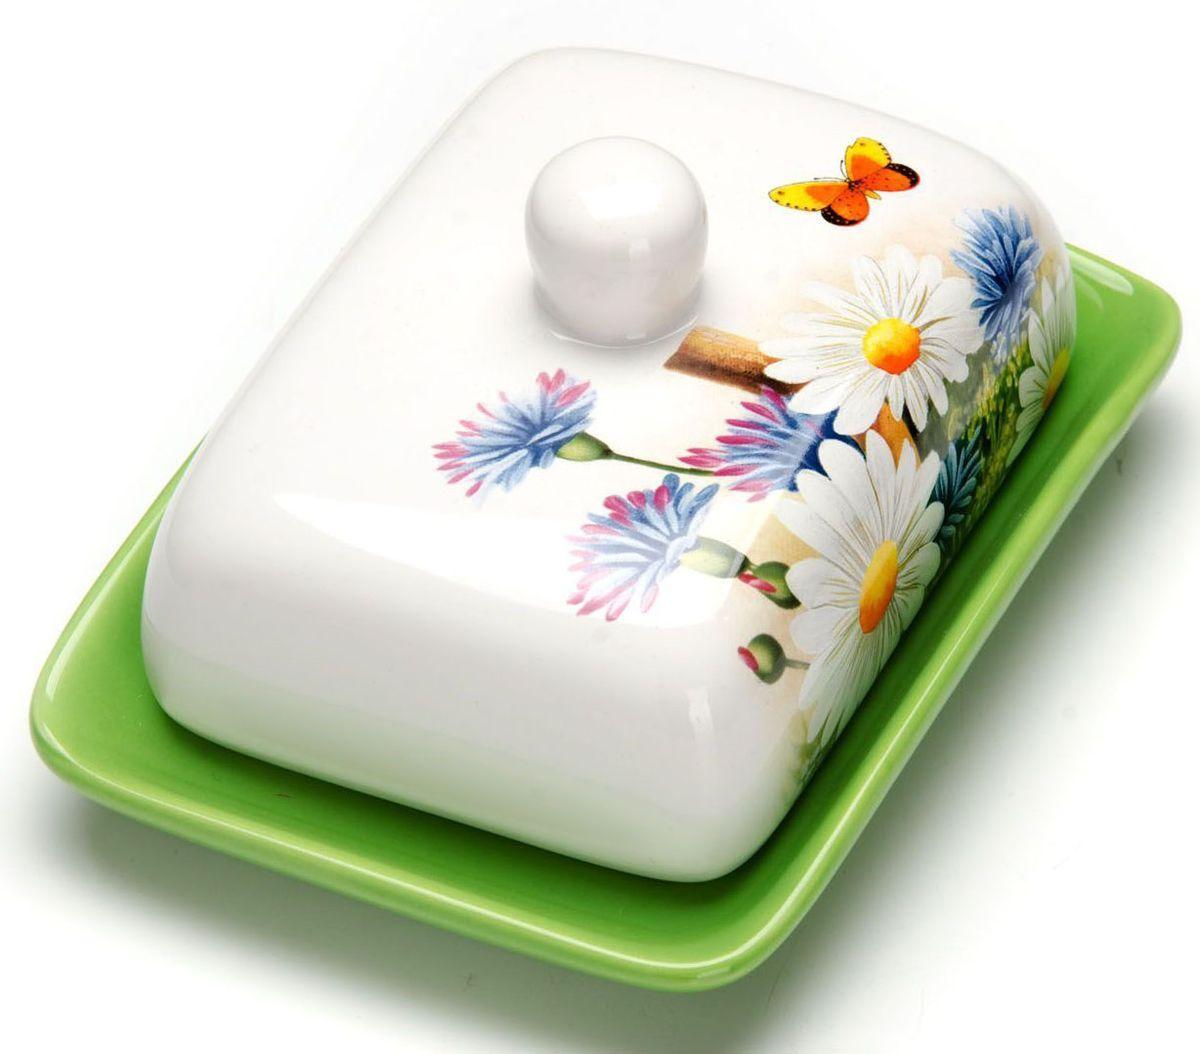 Масленка Loraine Лето. 2629026290Масленка Loraine, выполненная из качественной доломитовой керамики и декорированная ярким рисунком, станет украшением интерьера вашей кухни. Масленка надежно закрывается керамической крышкой и прекрасно подойдет для хранения и сервировки масла, сыра, творога.Масленка рассчитана примерно на 200 грамм масла.Пригодна для использования в холодильнике, морозильнике, микроволновой печи.Подходит для мытья в посудомоечной машине. Размер блюда: 17 х 12,5 х 2,3 см.Размер крышки: 14 х 10 х 7,5 см.Общий размер масленки: 17 х 18,5 х 8,5 см.